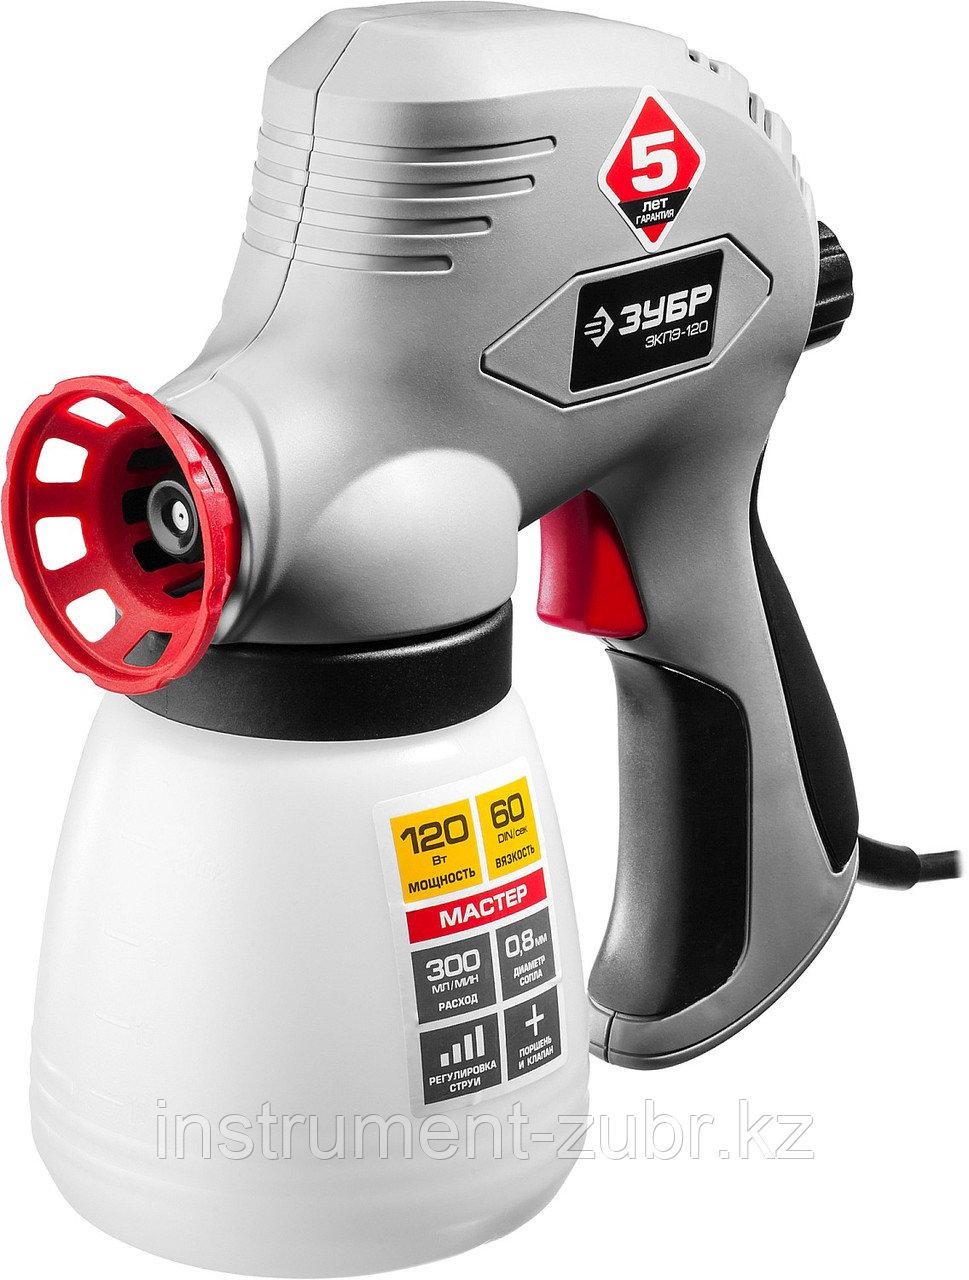 Краскопульт (краскораспылитель) электрический, ЗУБР ЗКПЭ-120, вязкость краски 60 DIN, 0.8л, 120Вт